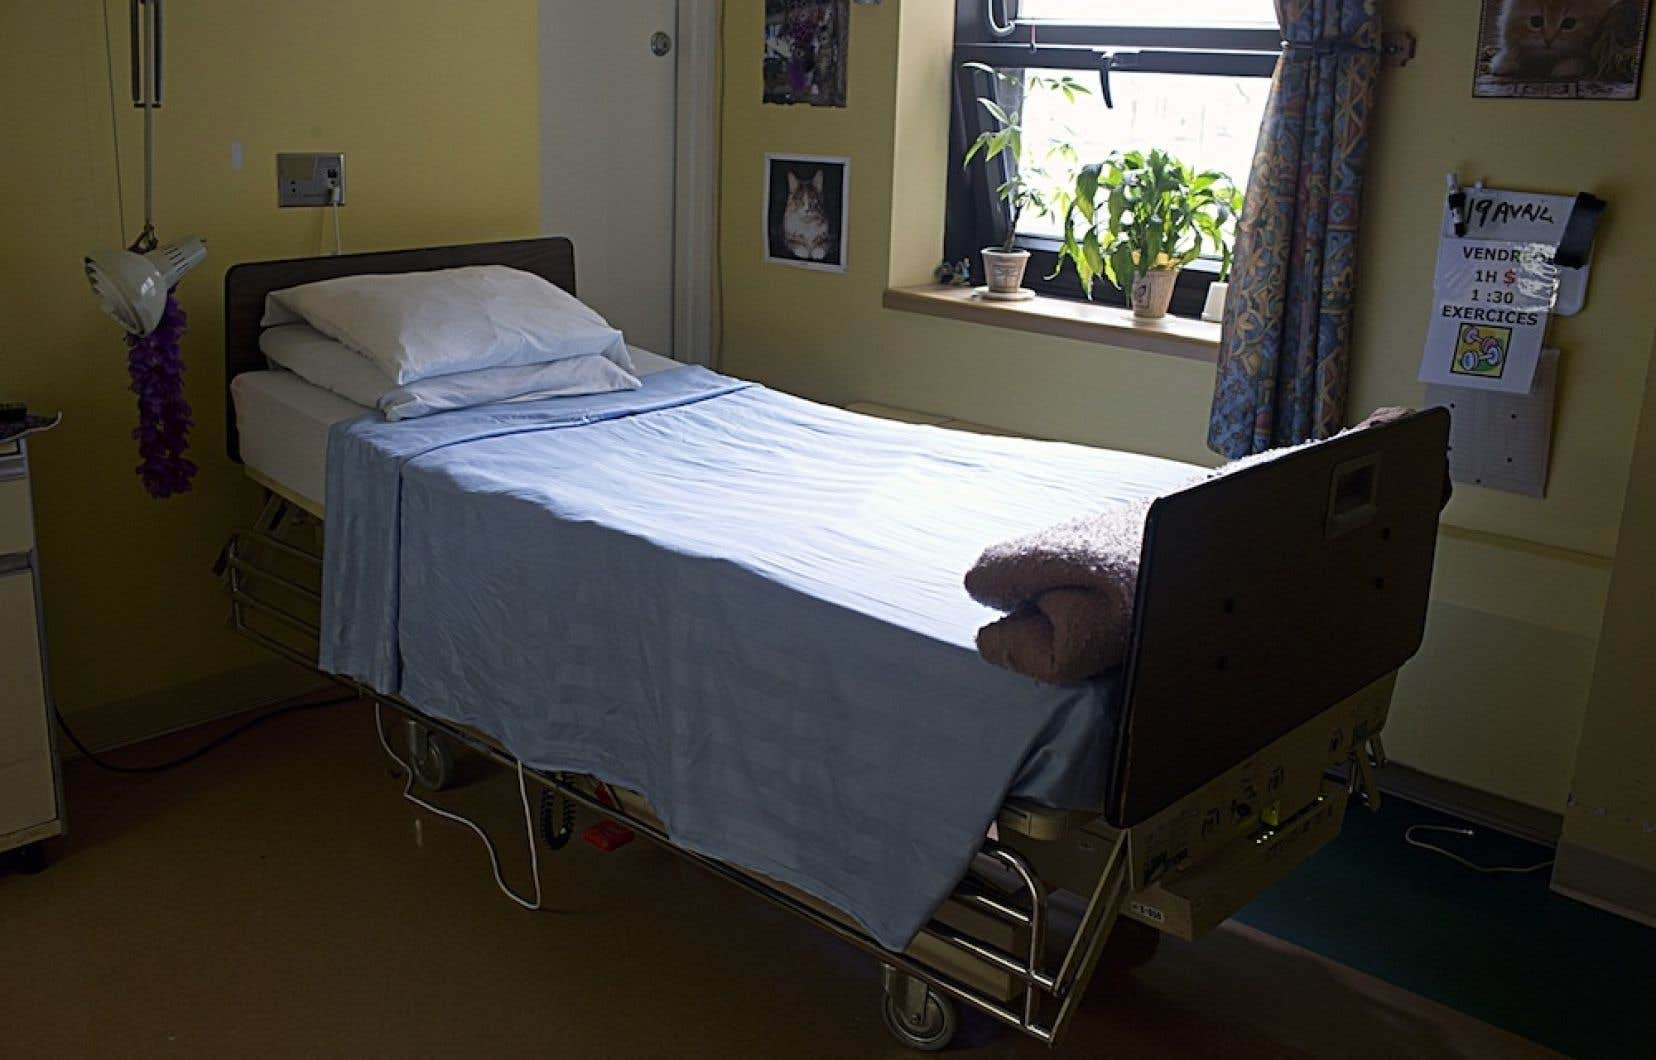 Une chambre dans un CHSLD de la province. Selon le CSSS de Saint-Léonard et Saint-Michel, la présence d'une caméra dans une chambre individuelle d'un centre d'hébergement de son territoire cause du stress et de l'anxiété chez ses employés.